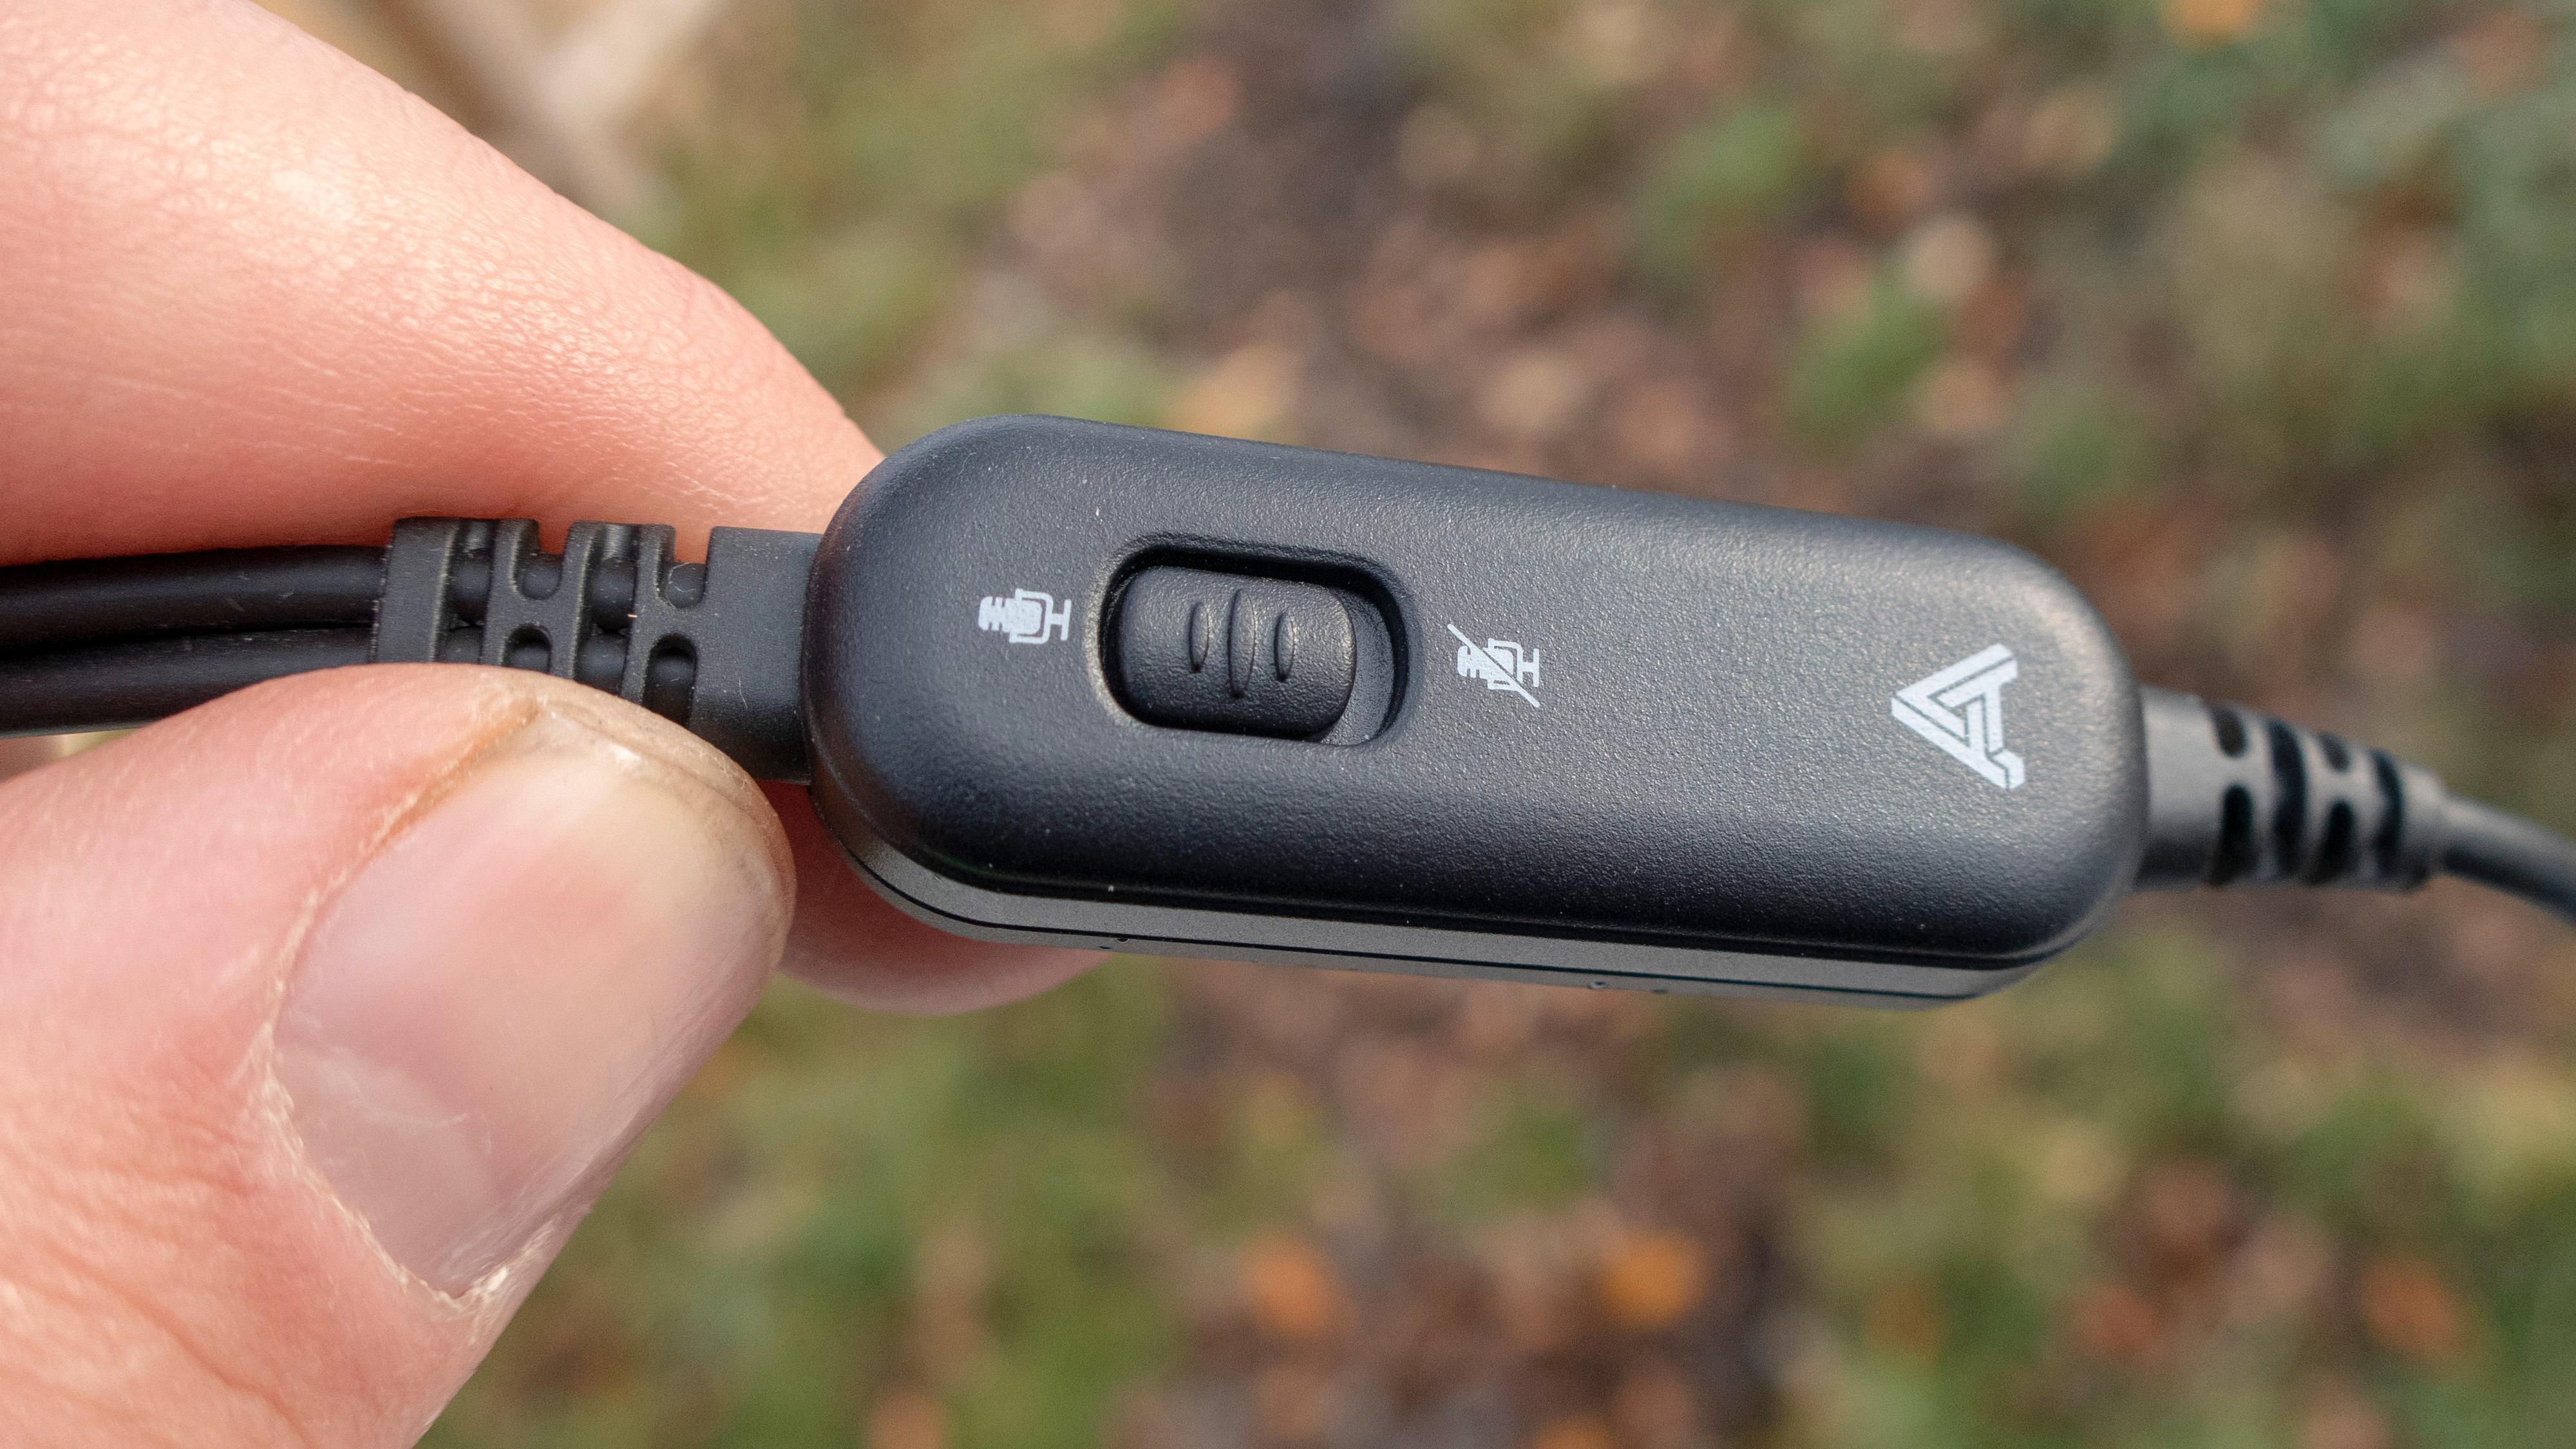 På ledningen som har mikrofon følger det også med en egen mute-knapp som kan være hendig å ha.